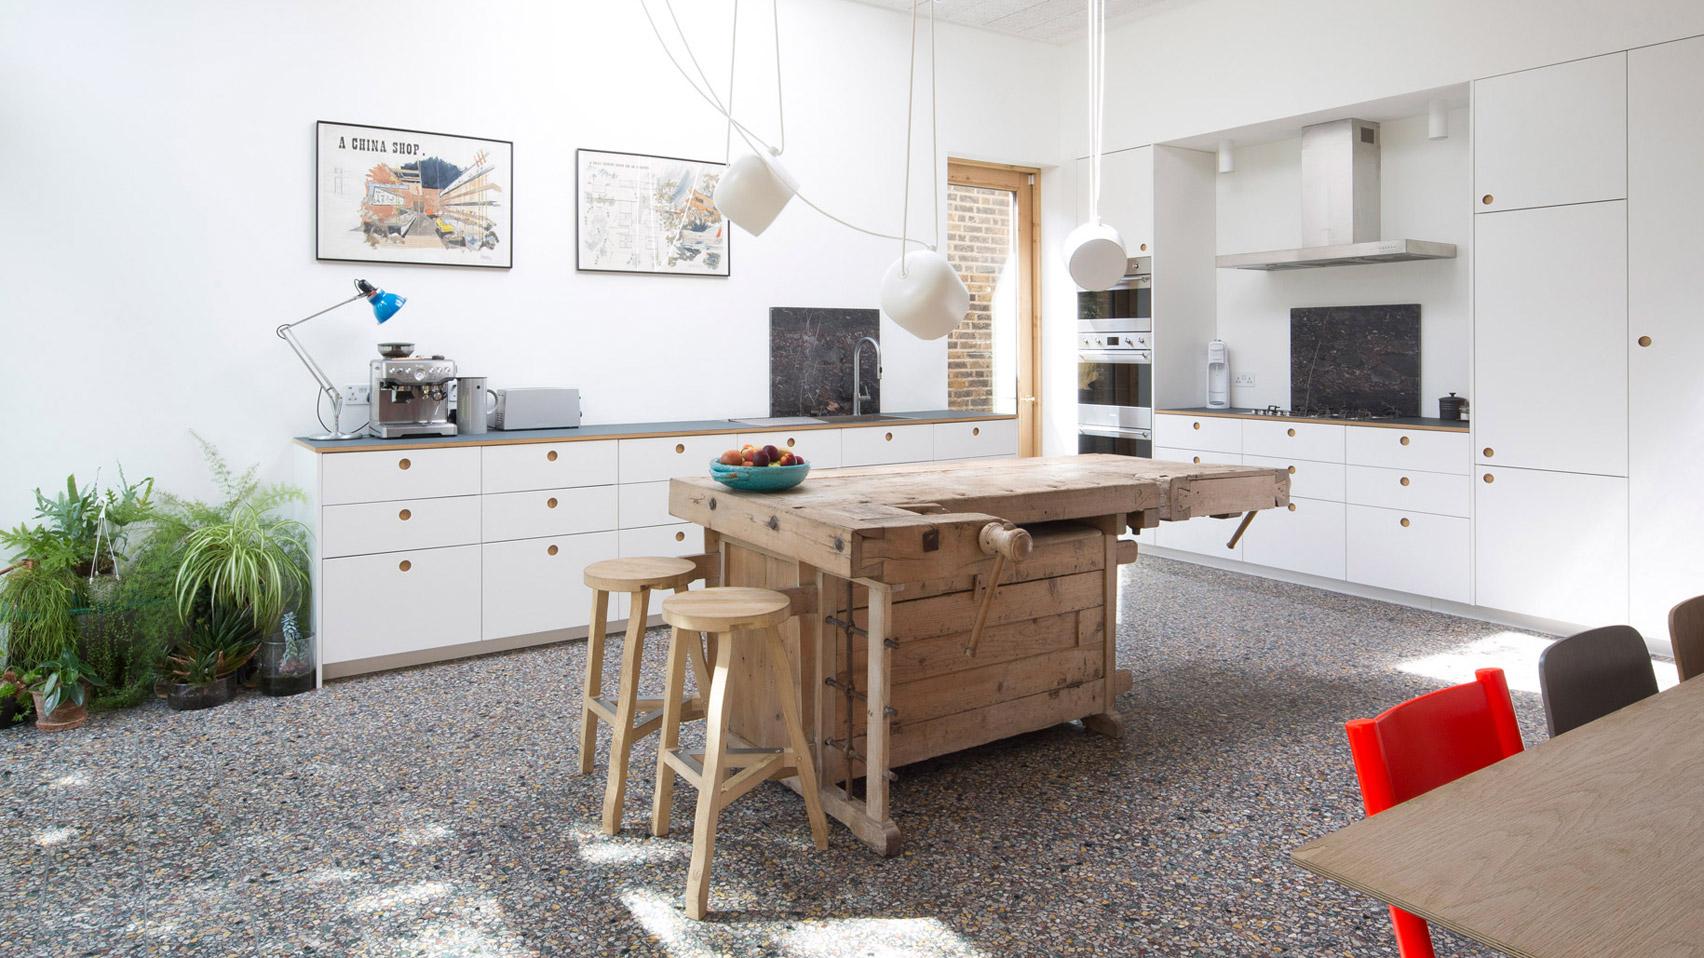 Rylett House, UK, by Studio 30 Architects